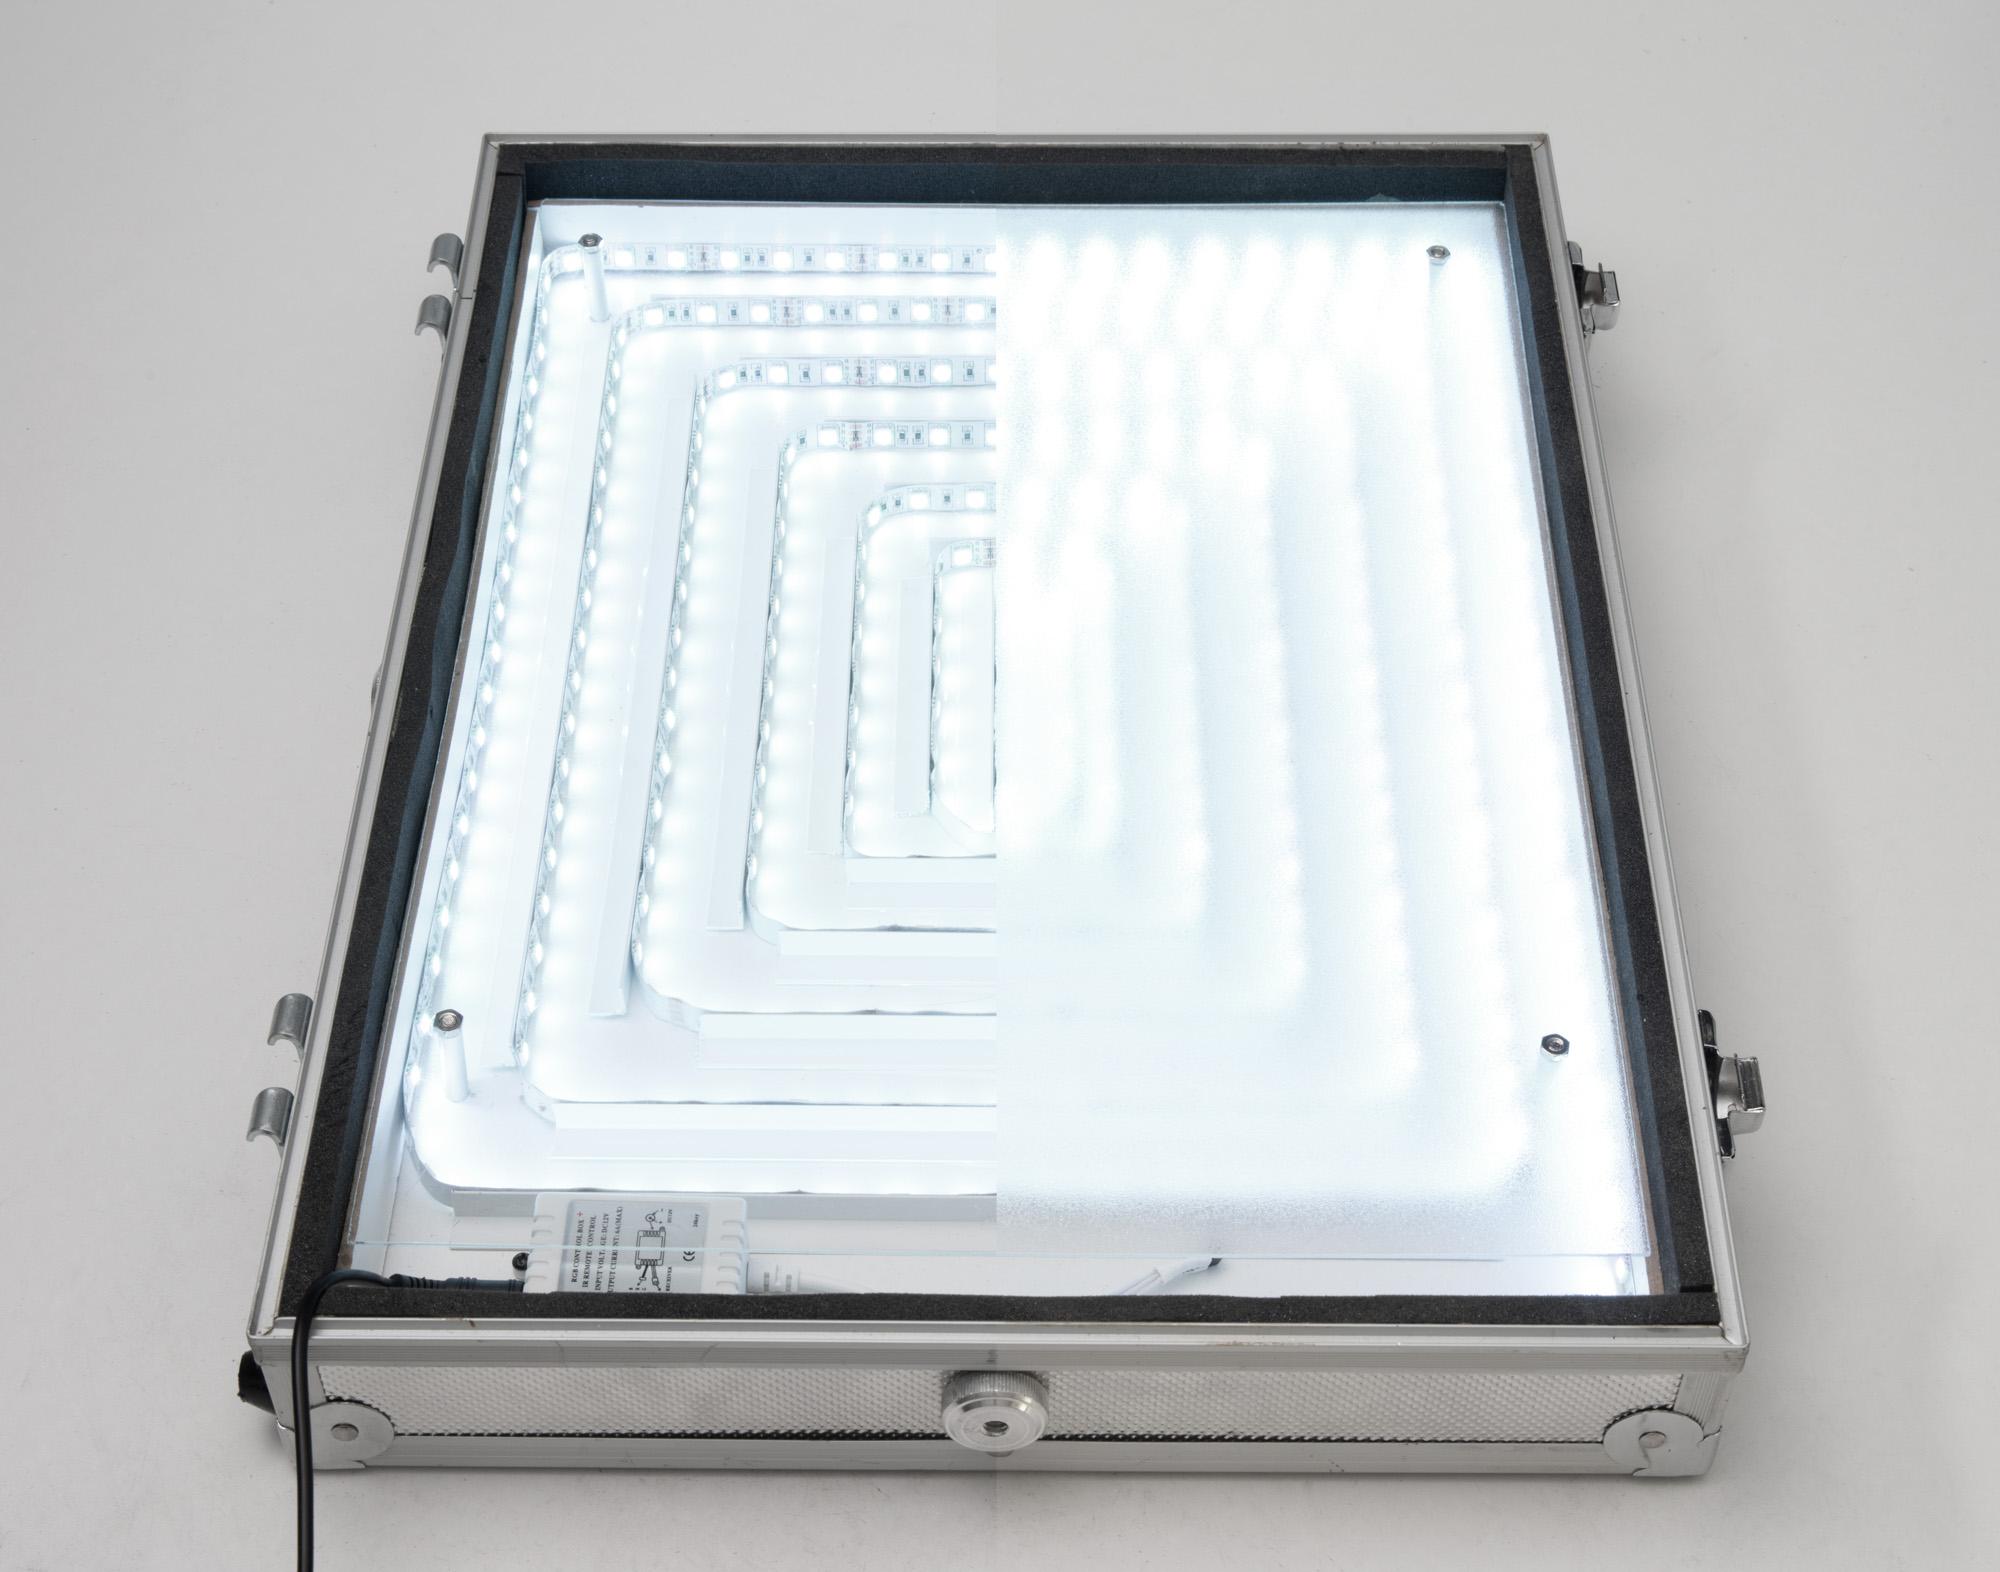 diy kamerakoffer mit integriertem led panel c 39 t fotografie. Black Bedroom Furniture Sets. Home Design Ideas